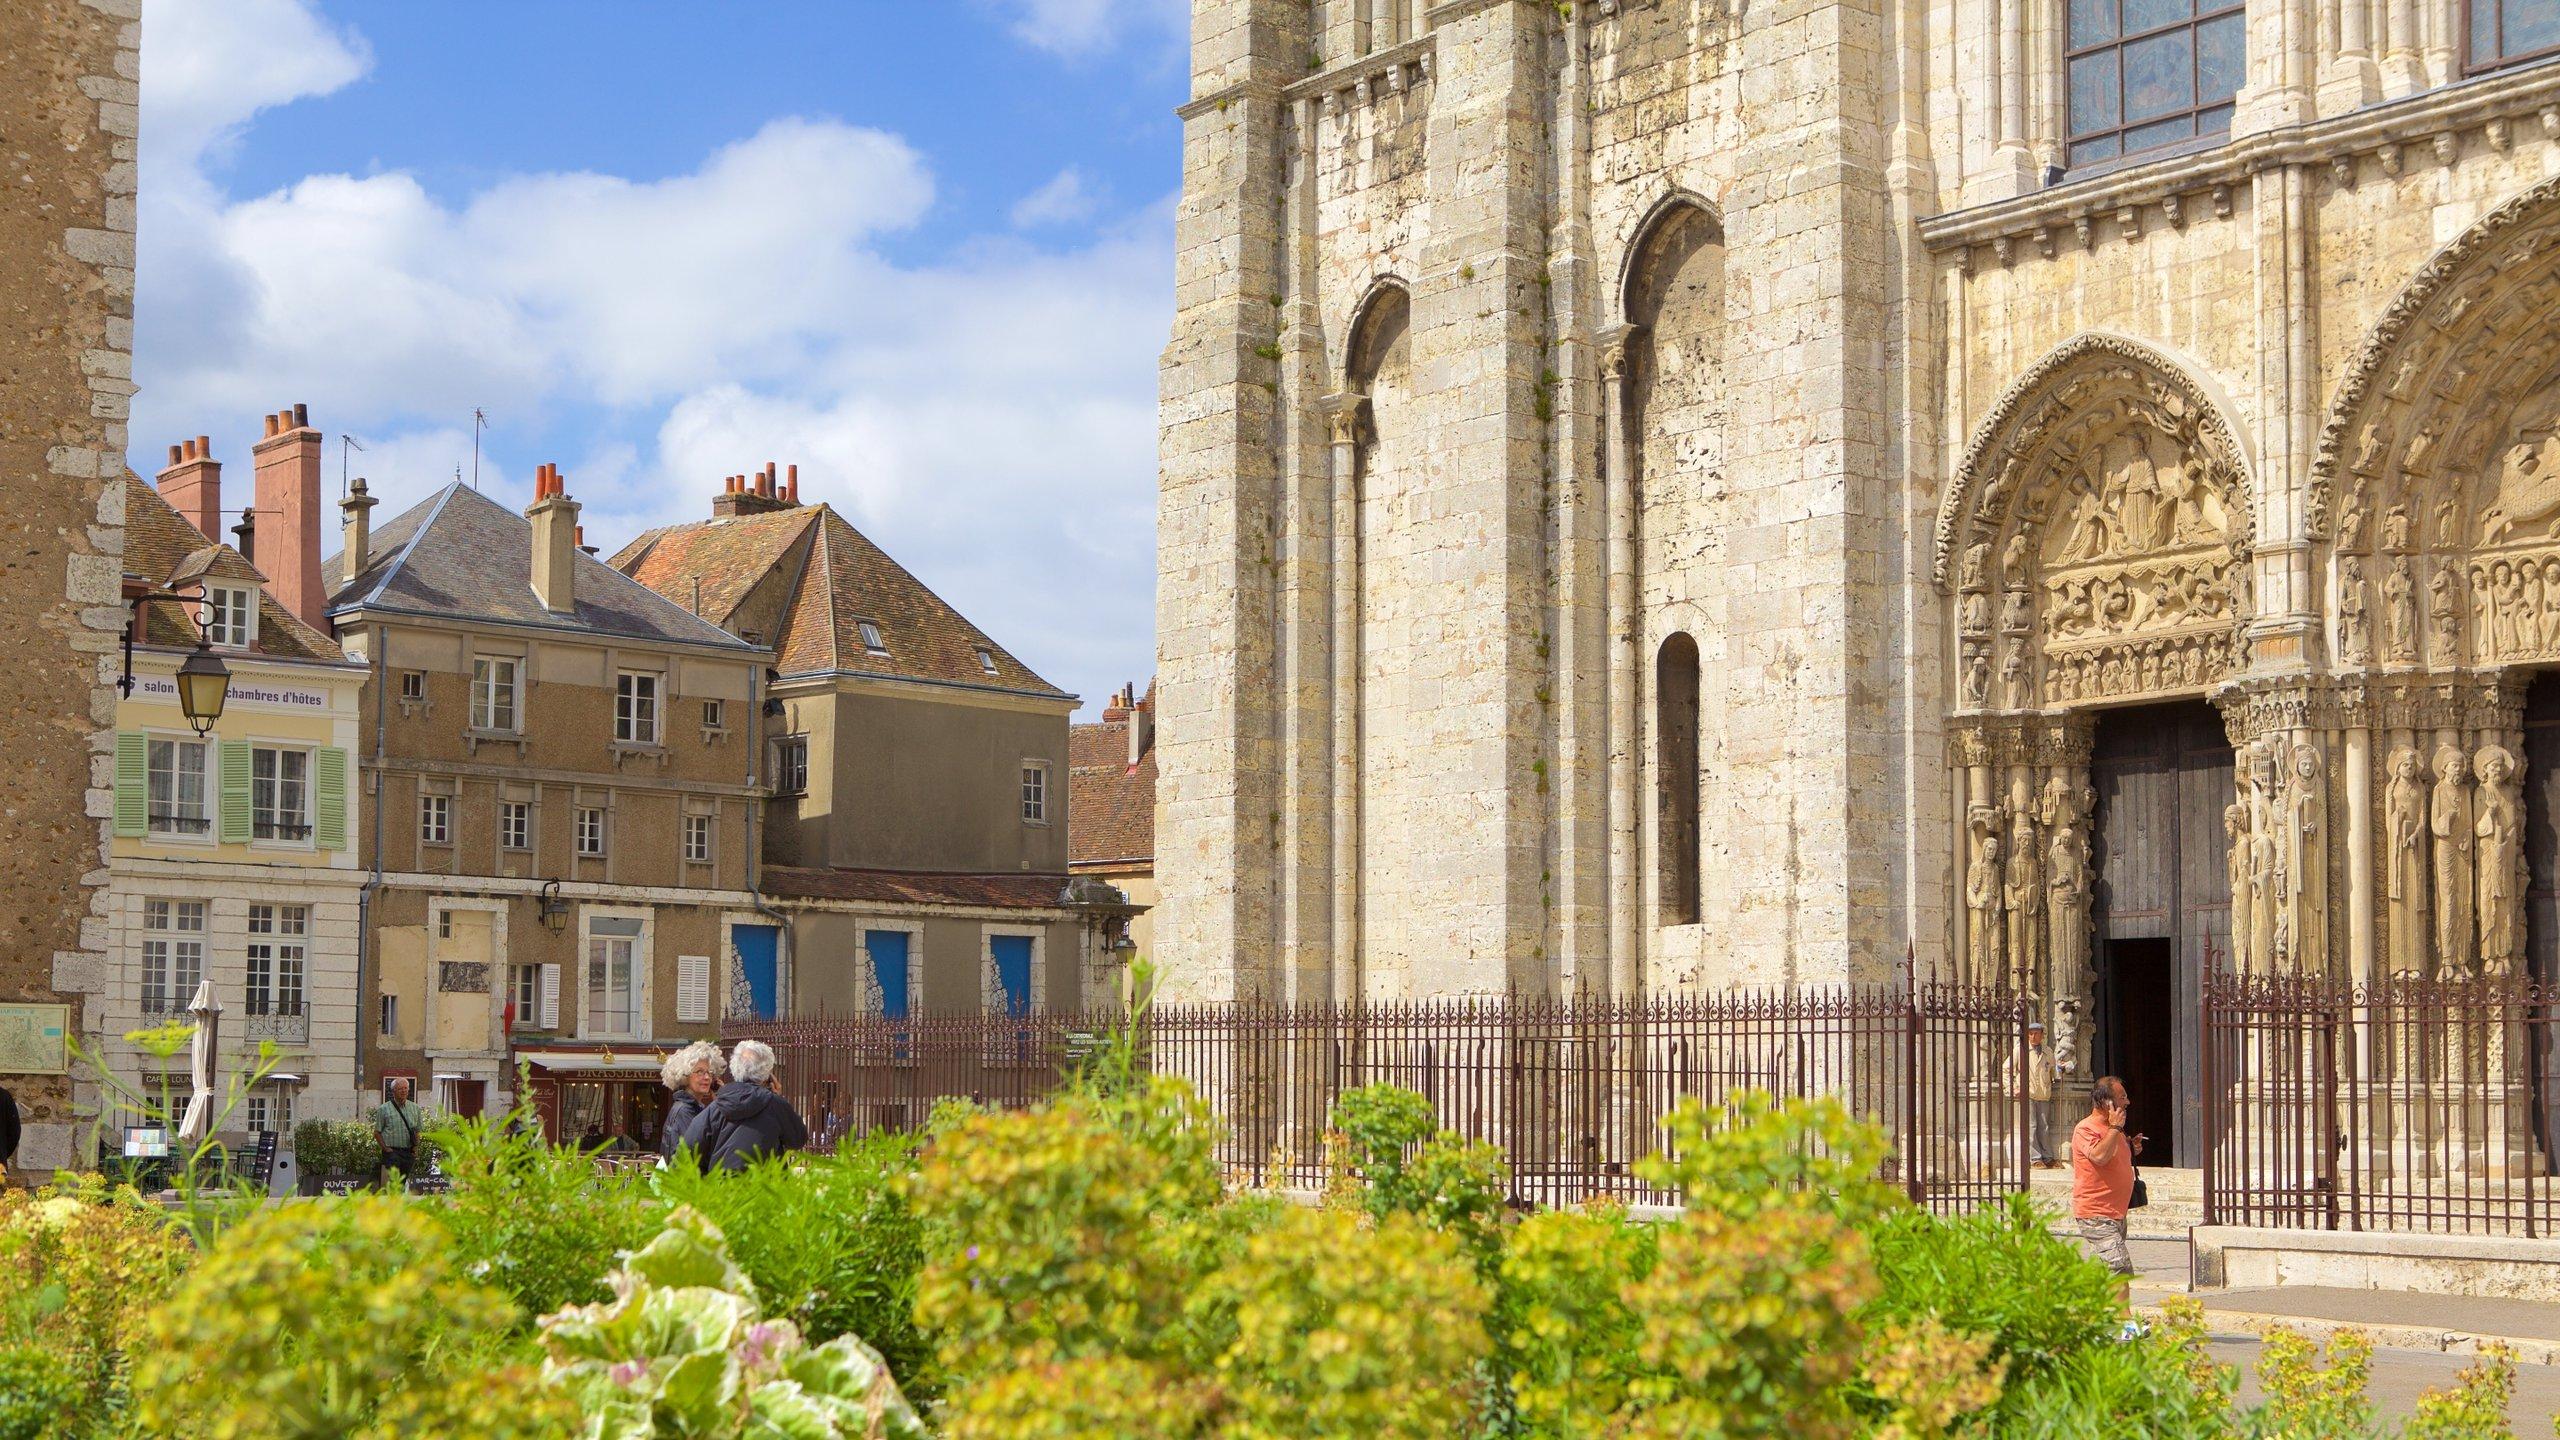 Chartres, Eure-et-Loir Département, Frankreich